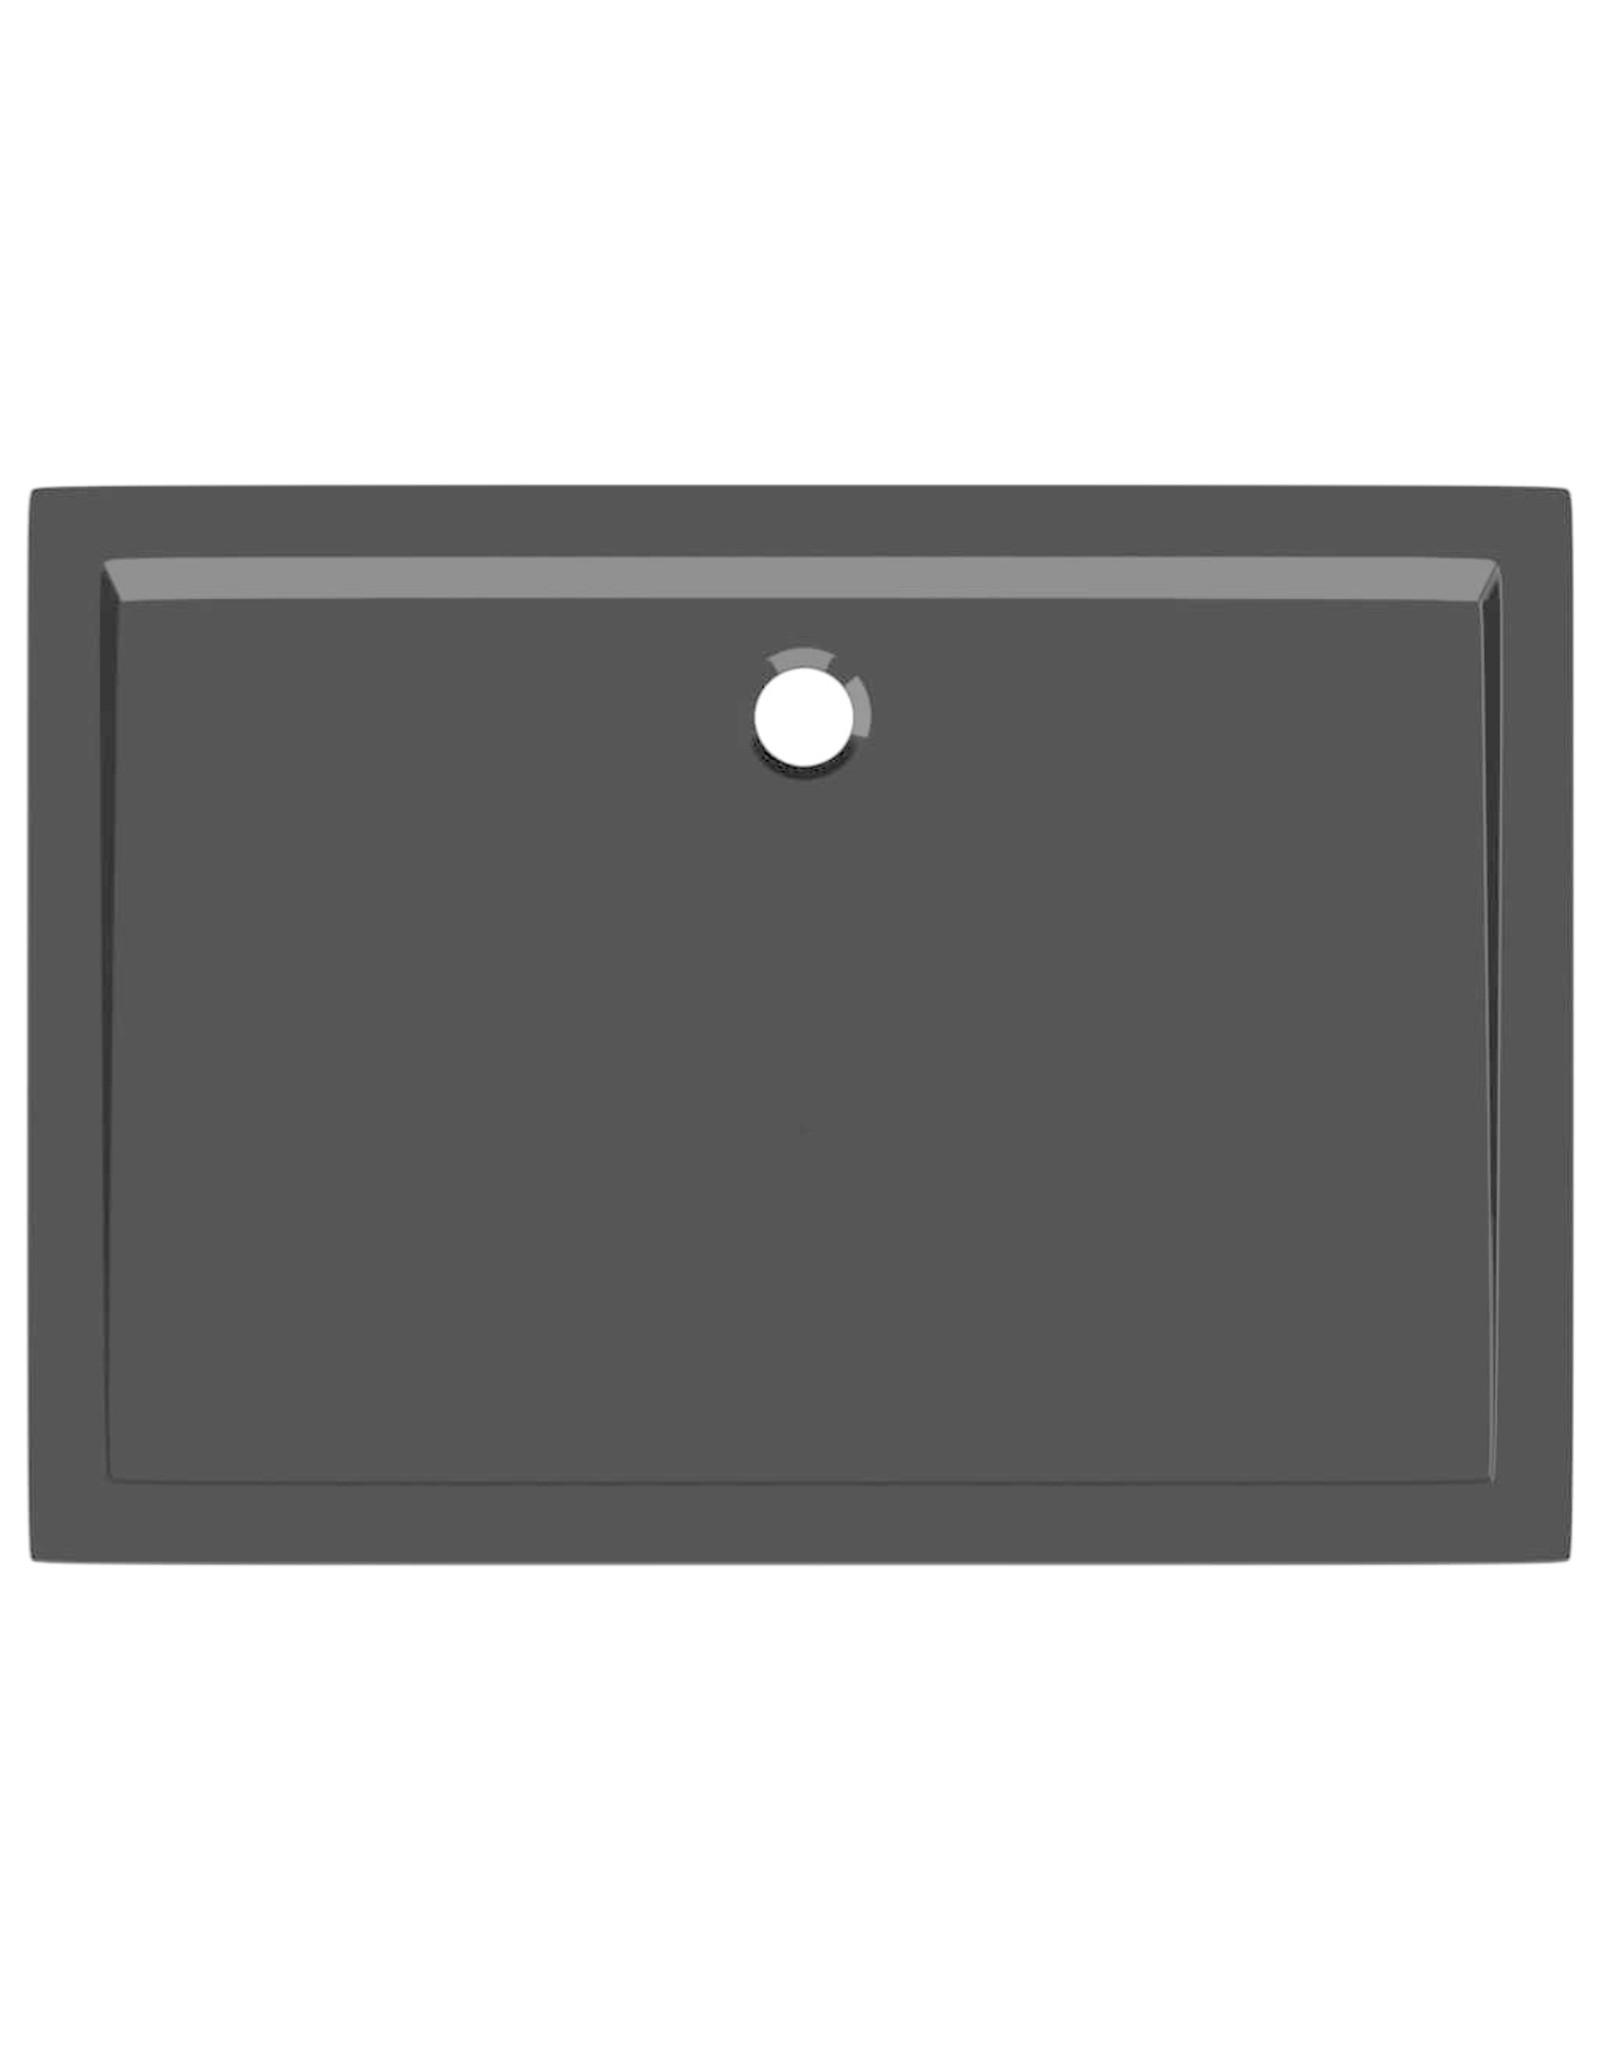 Douchebak rechthoekig 70x100 cm ABS zwart